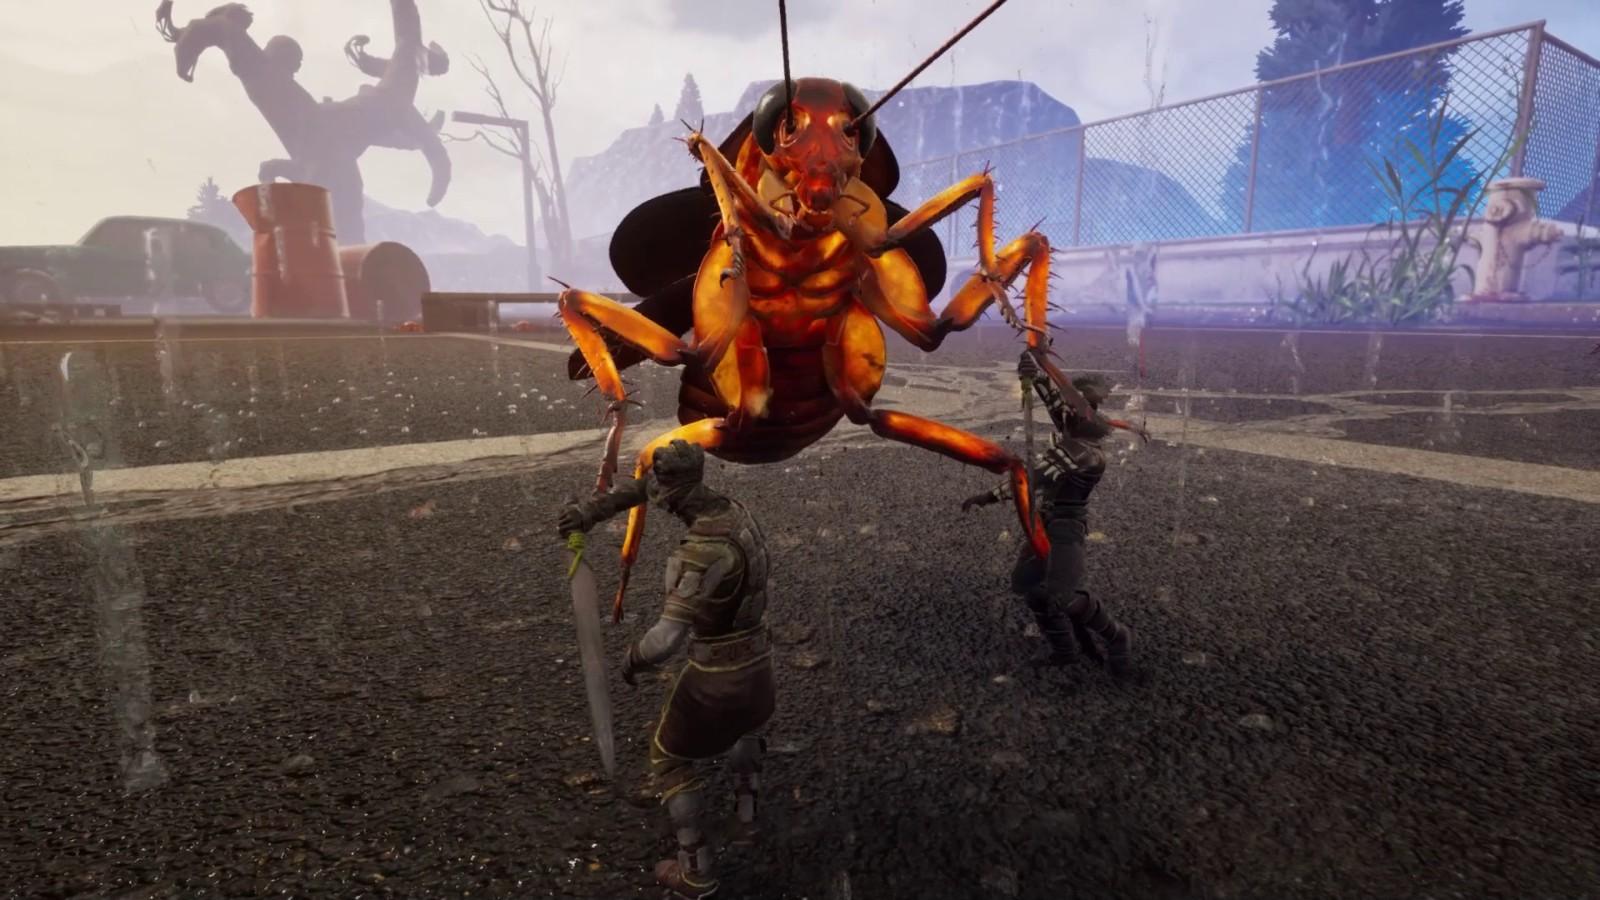 E3 2021:《缩小世界》预告 探索奇特世界求生存